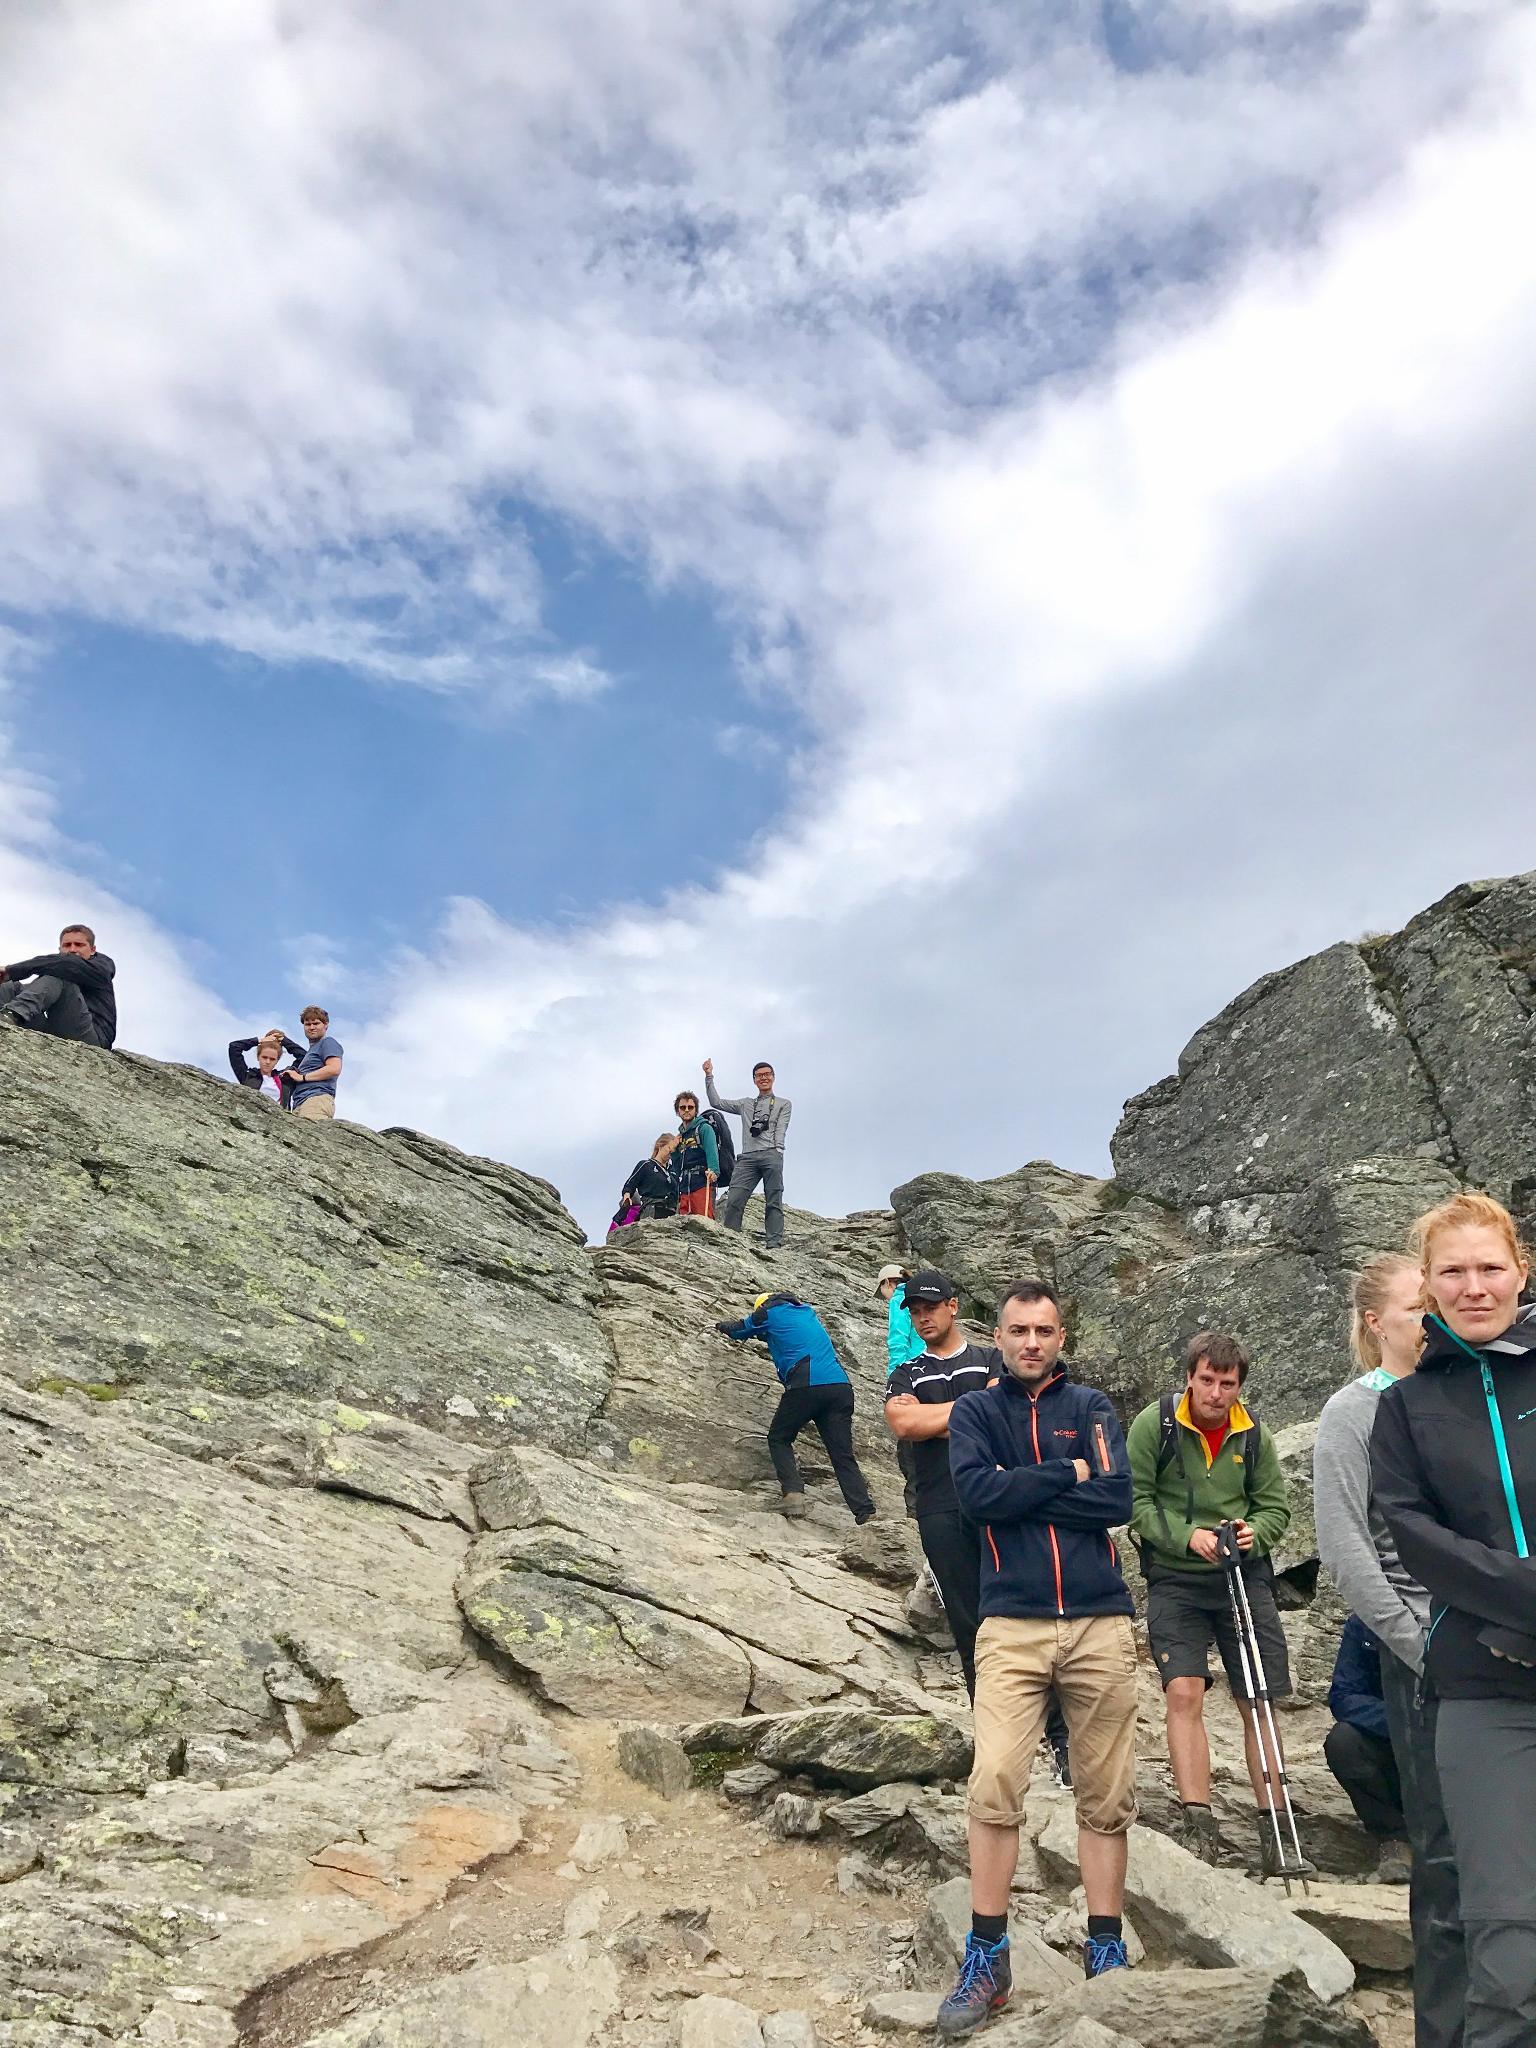 【北歐景點】挪威惡魔之舌 Trolltunga — 28公里健行挑戰全攻略 231